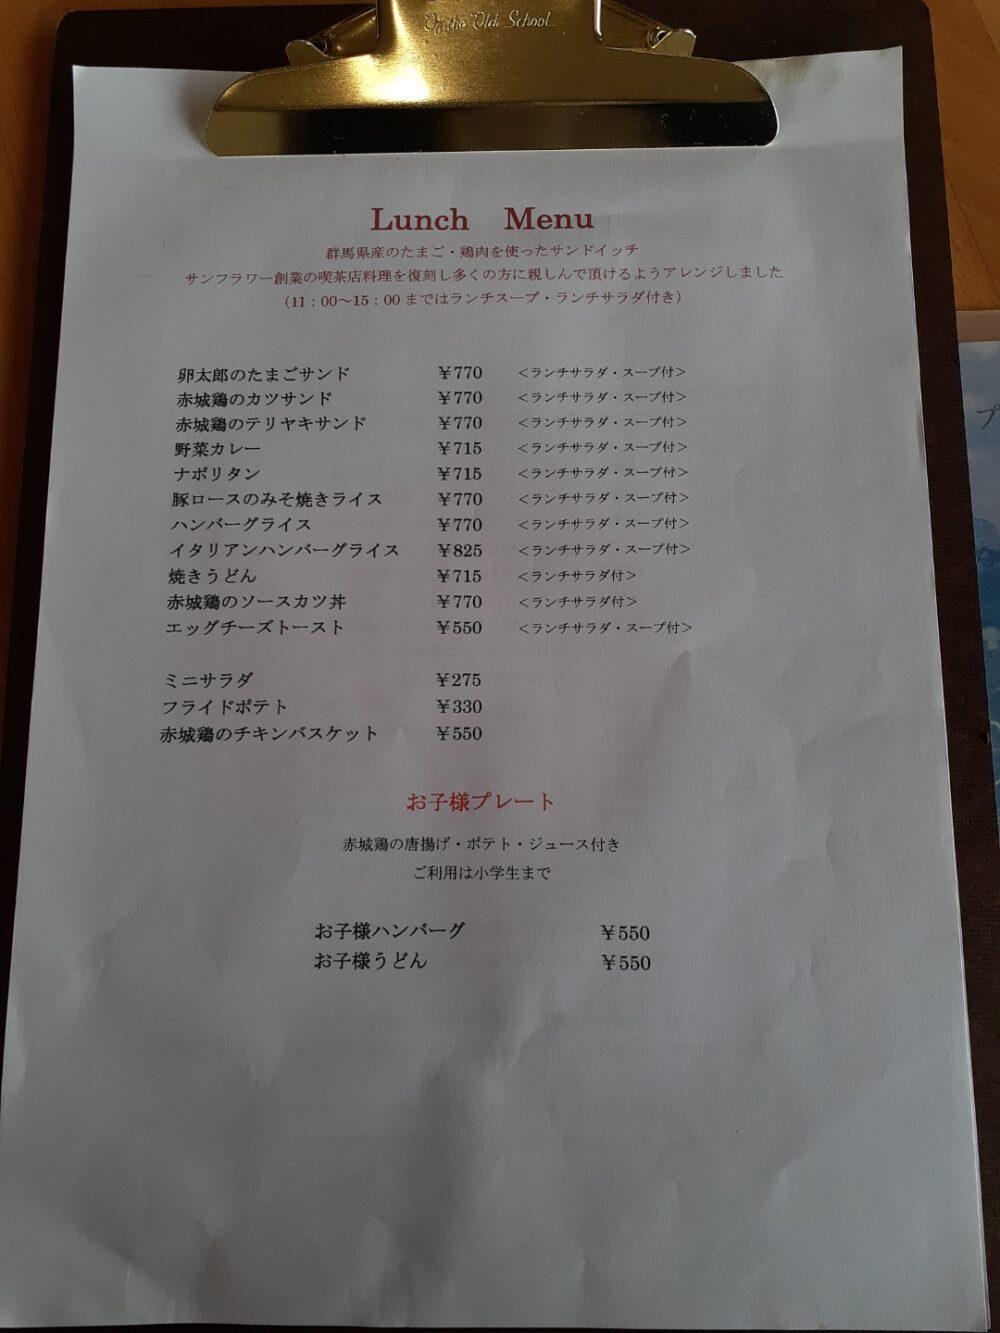 烏川かわなか緑の広場のカフェメニュー表